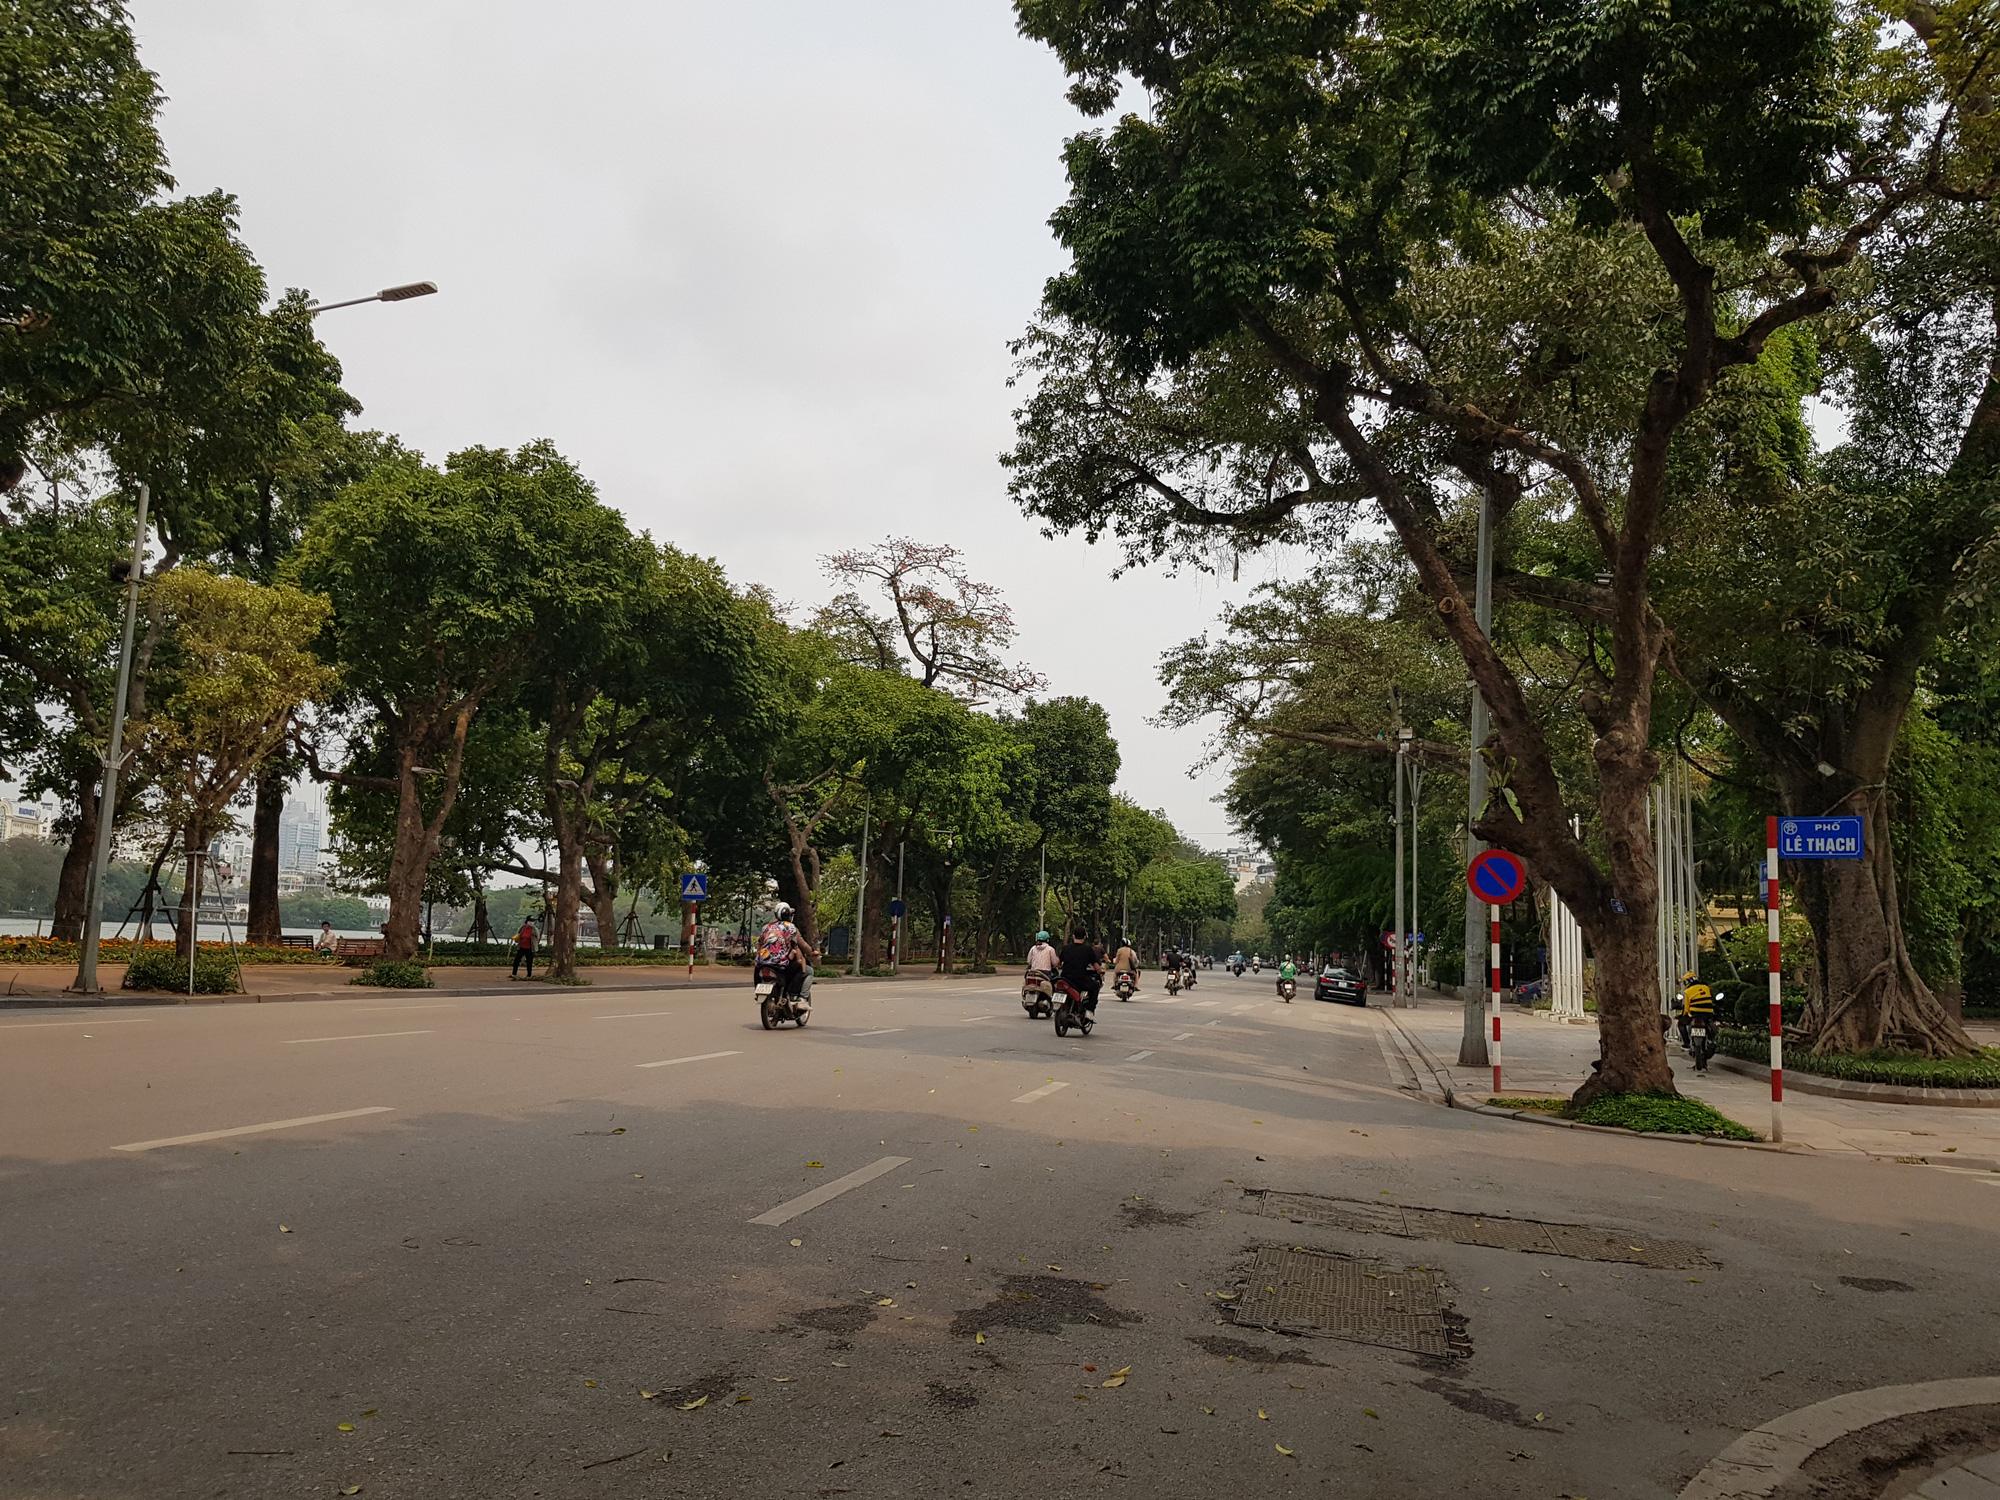 Sau lệnh tạm thời đóng cửa, nhiều đường phố Hà Nội thông thoáng như ngày Tết - Ảnh 1.